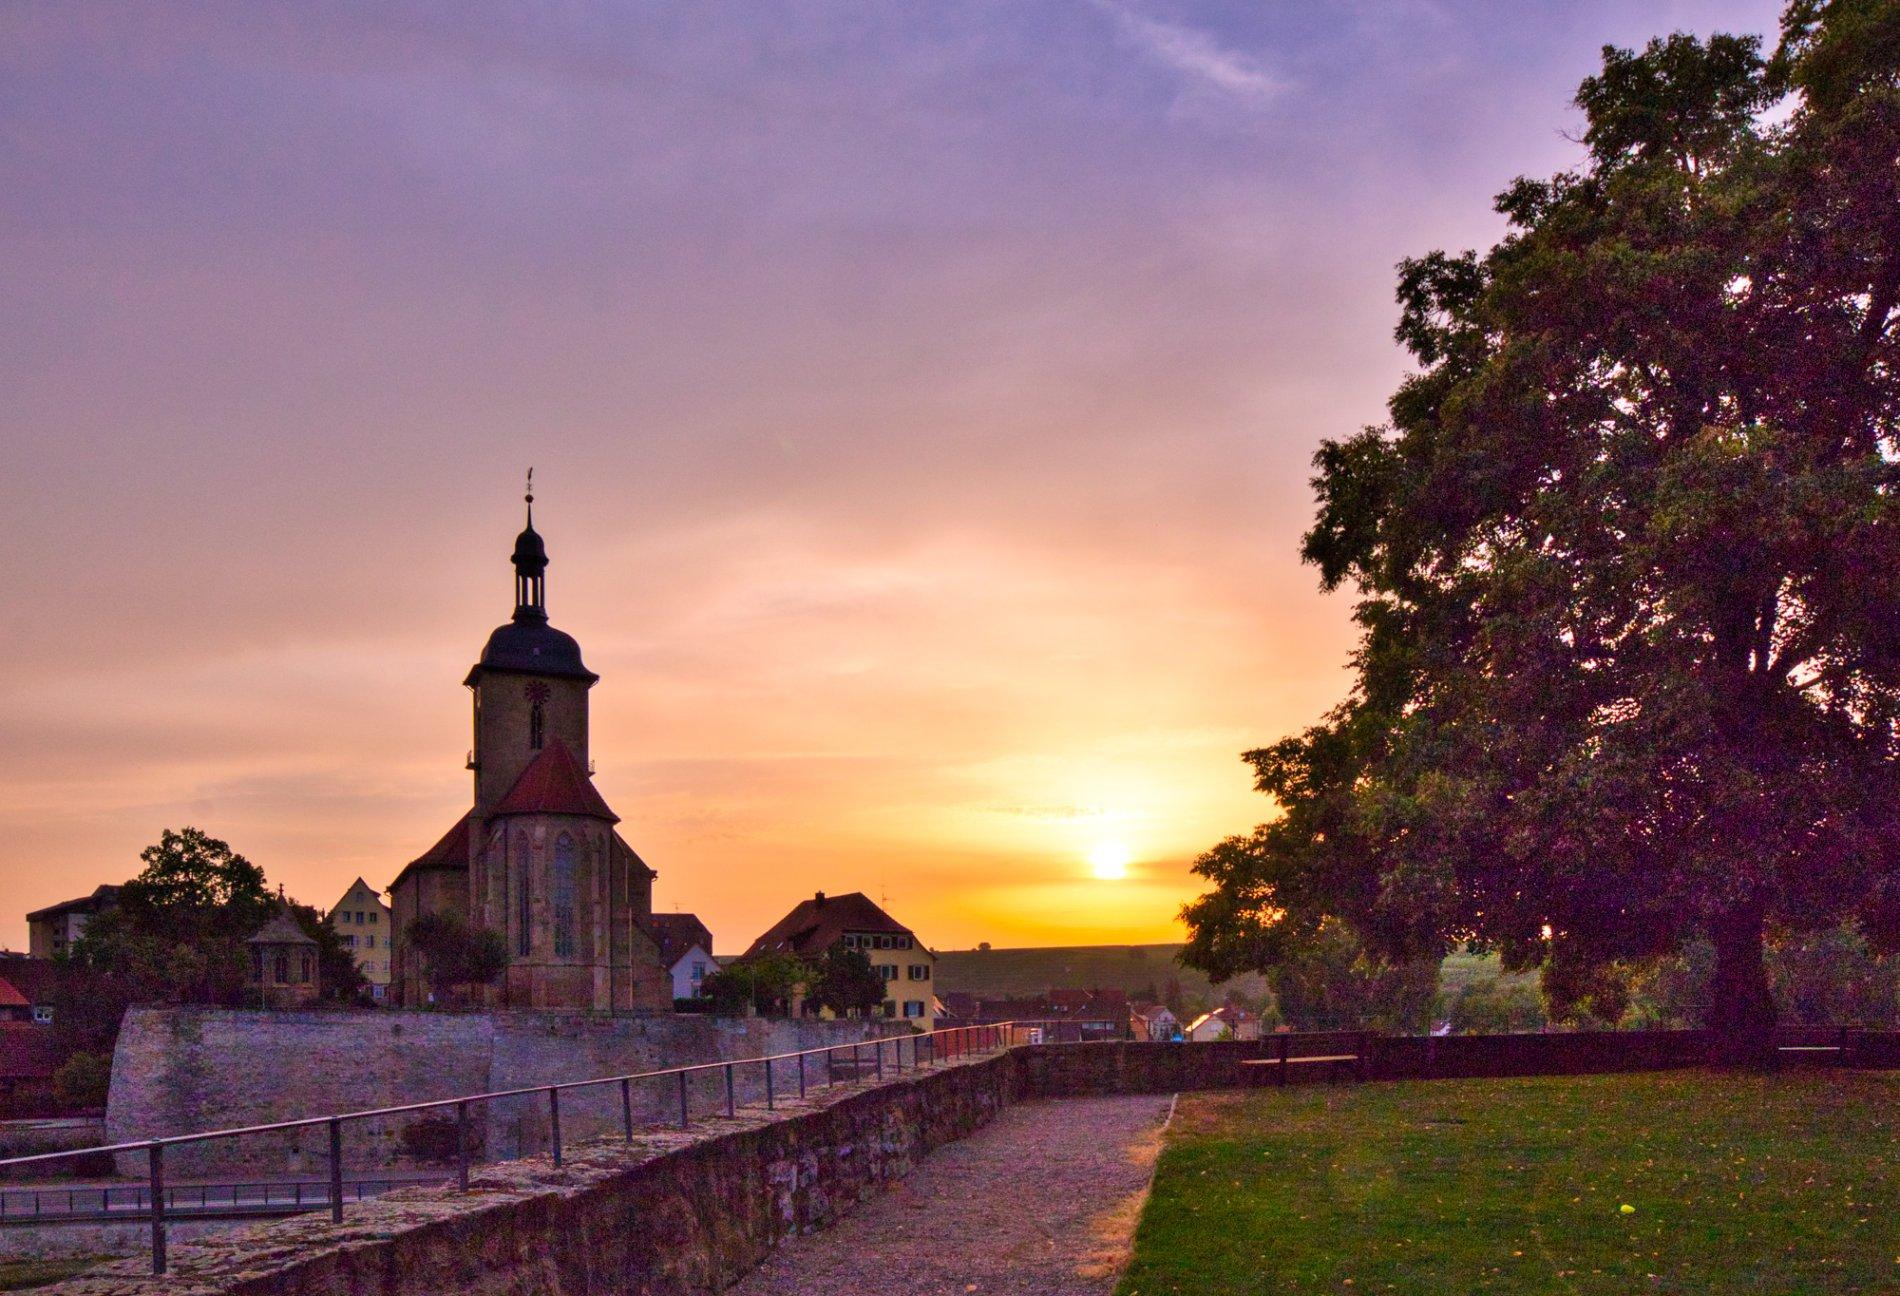 Regiswindiskirche   Lauffen am Neckar   HeilbronnerLand